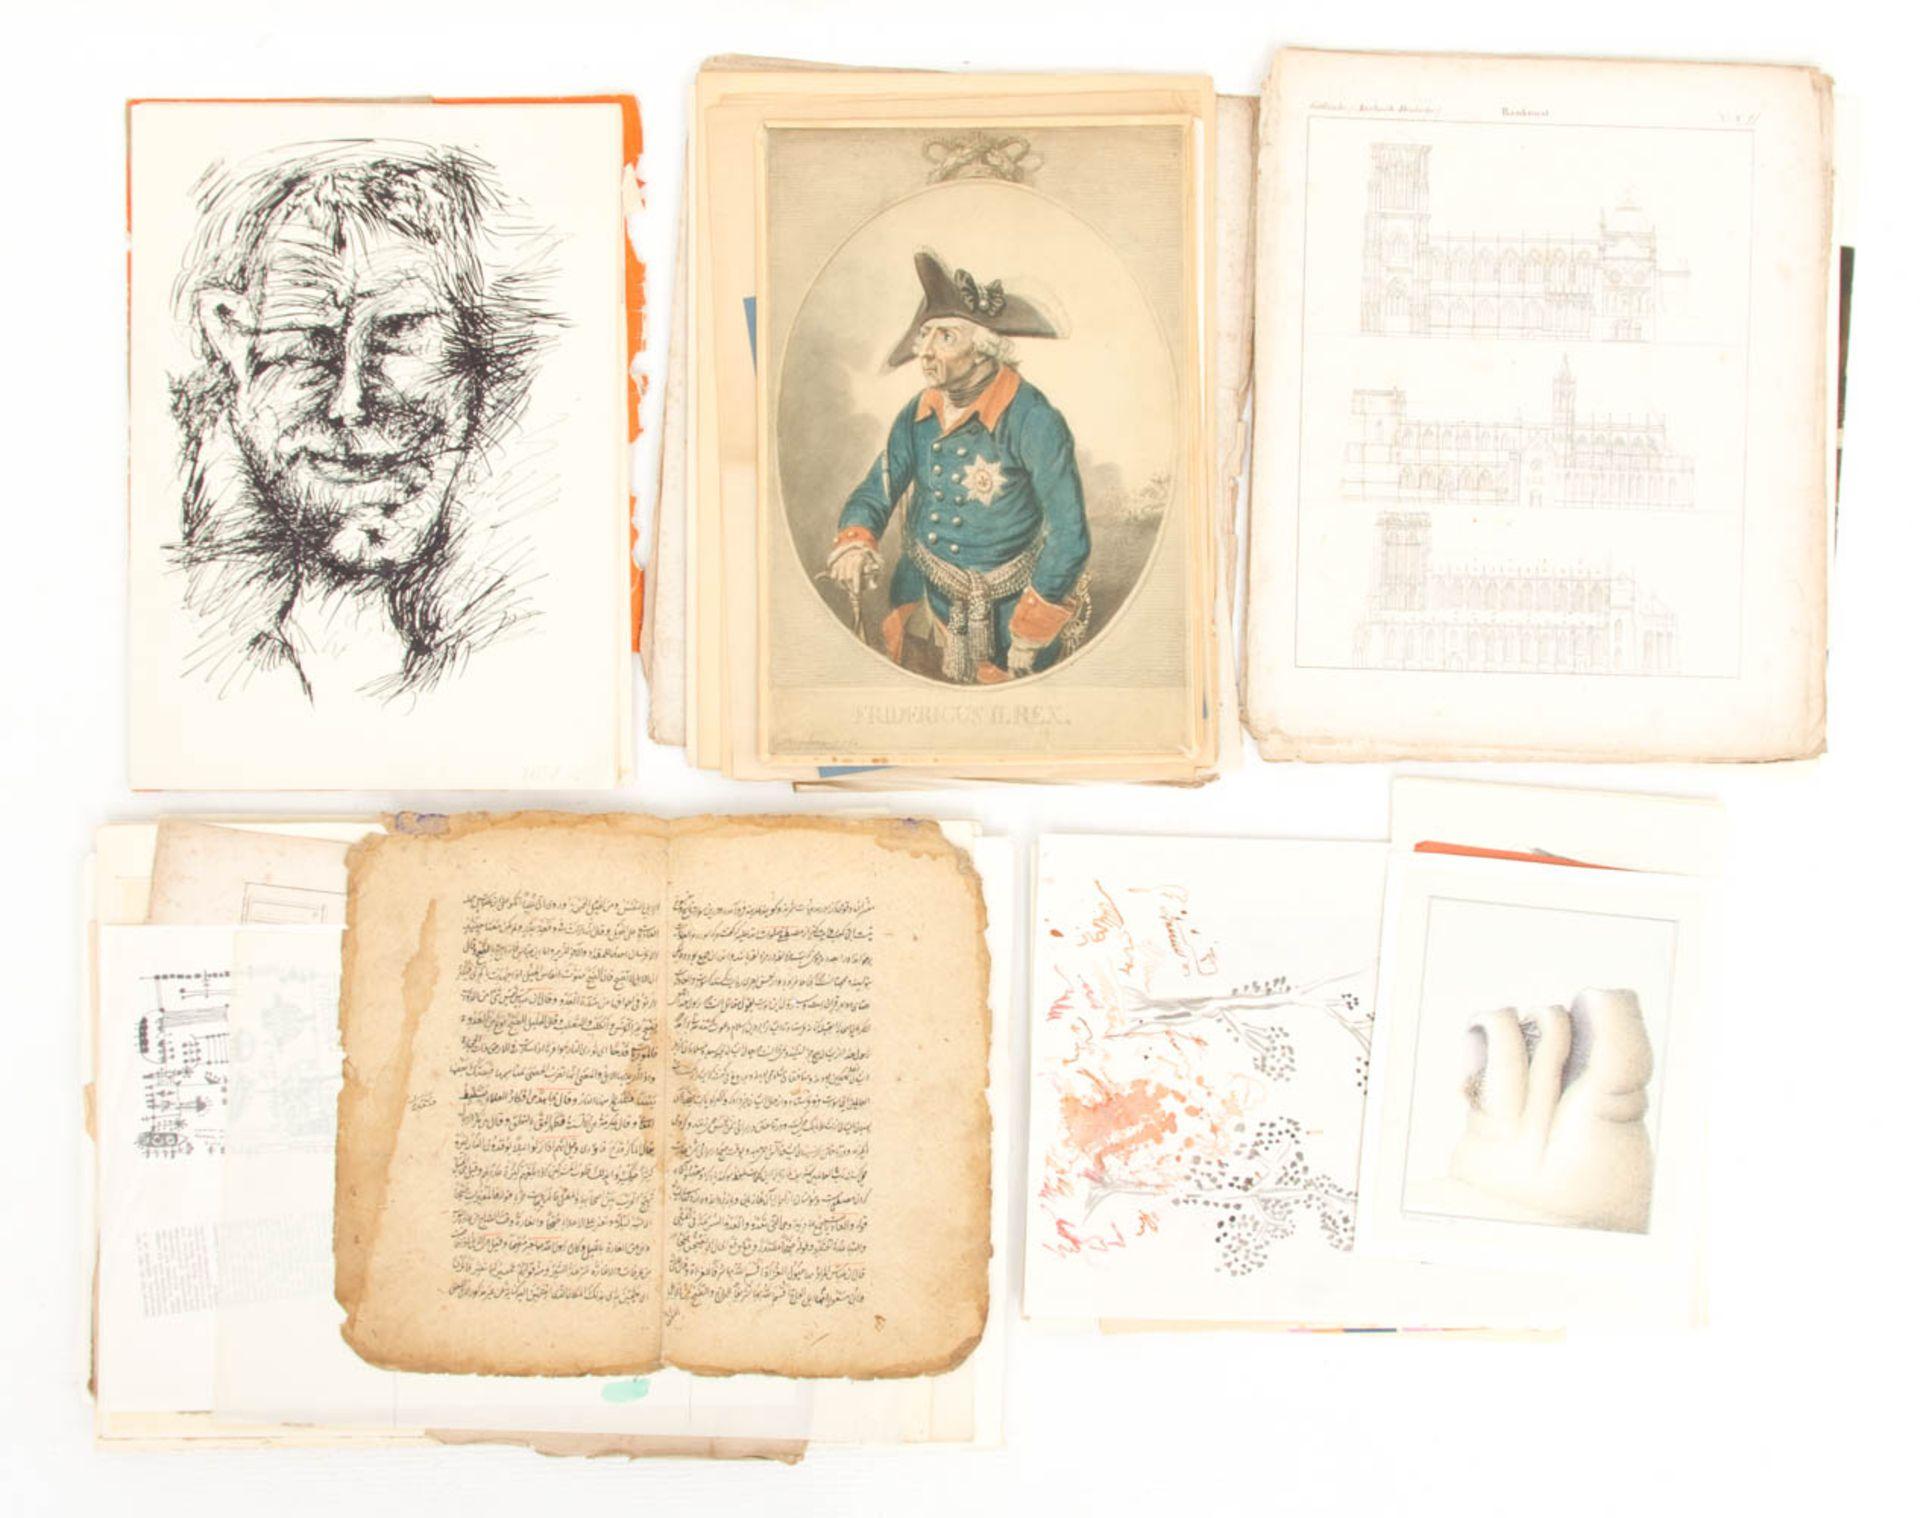 Konvolut von Zeichnungen und Mischtechniken verschiedener Künstler der Kunstakademie Stuttgart.